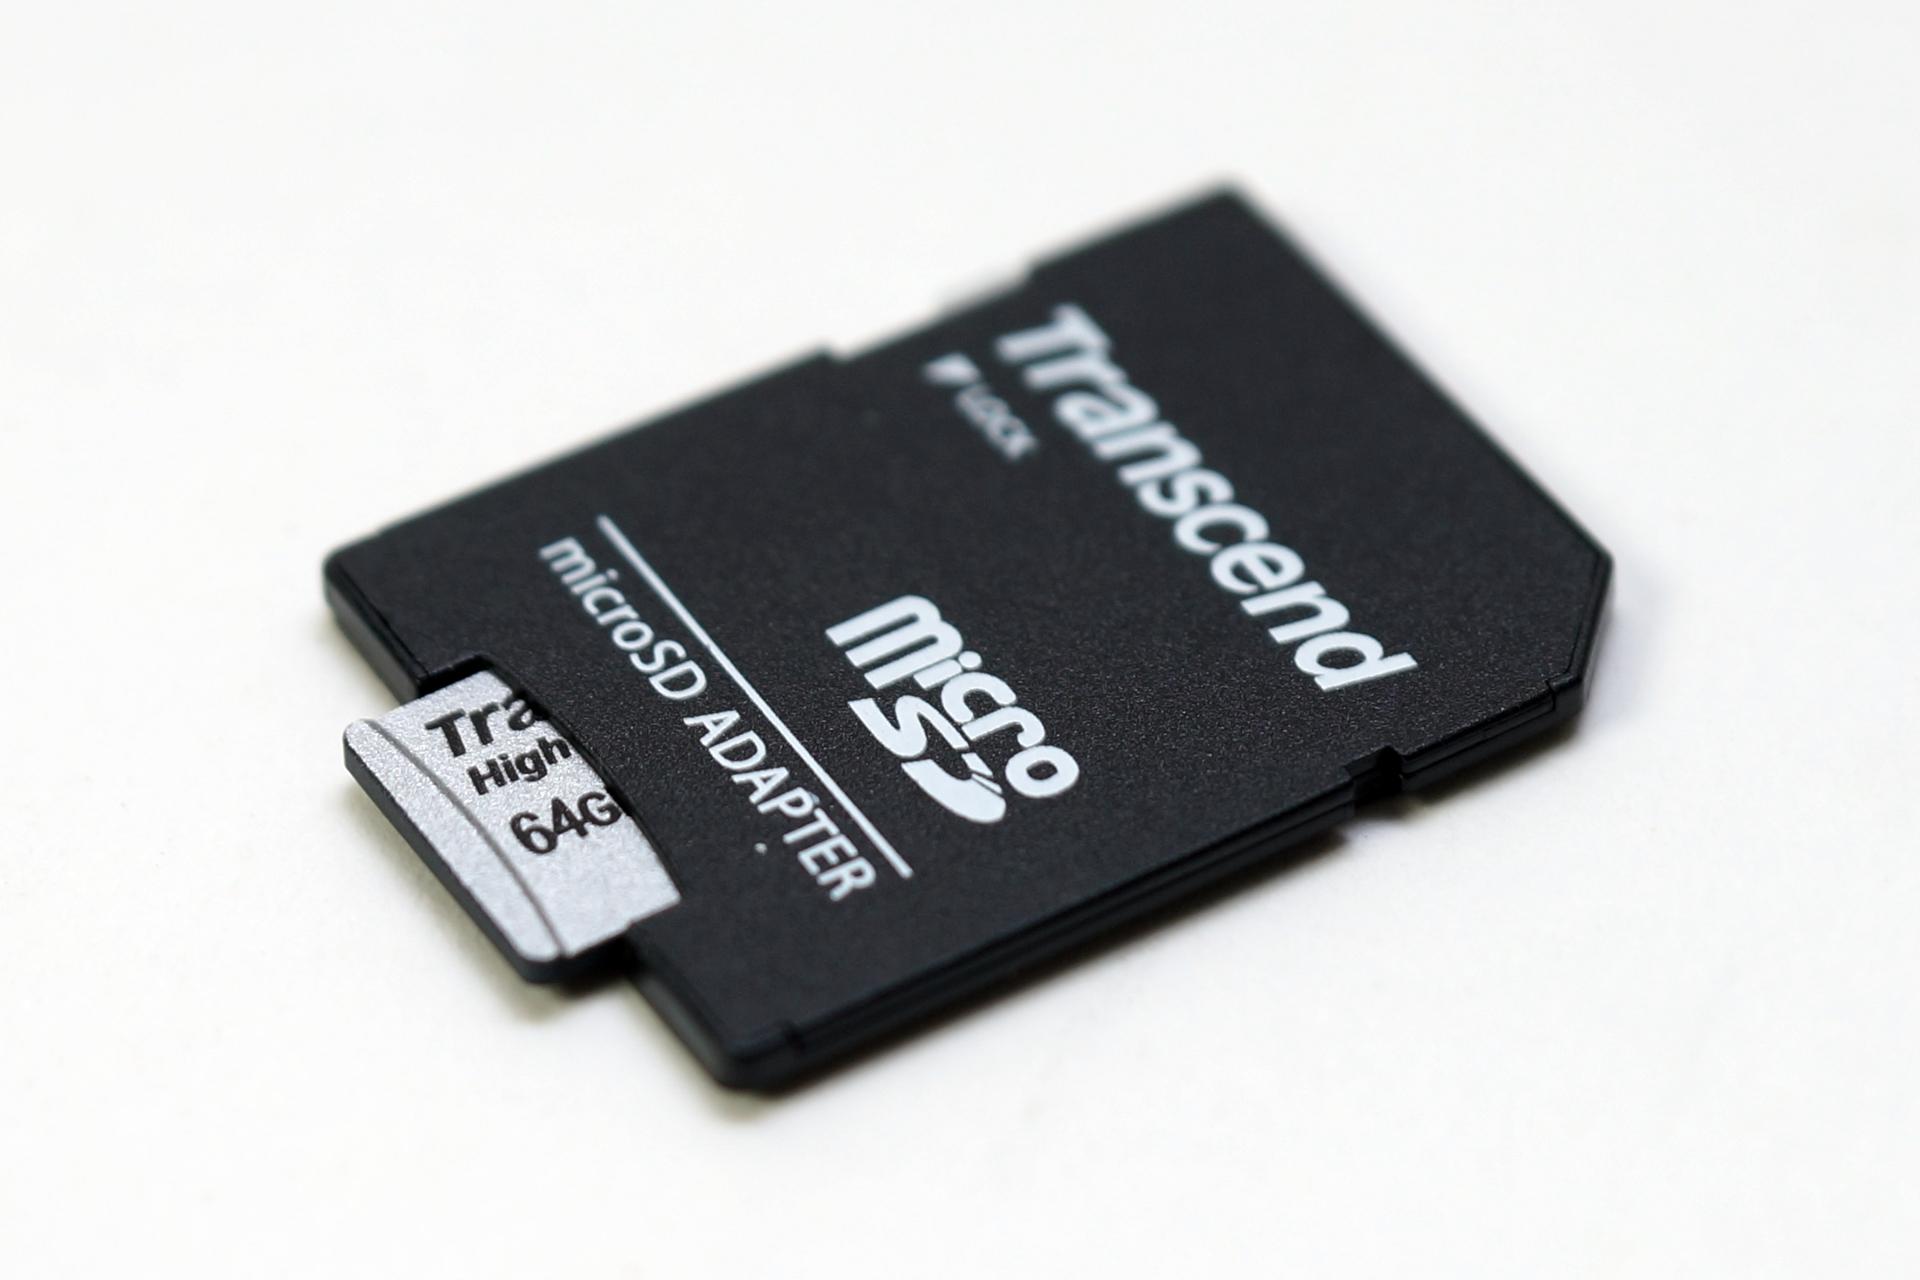 [ 블랙박스 메모리카드 트랜센드 MLC ...